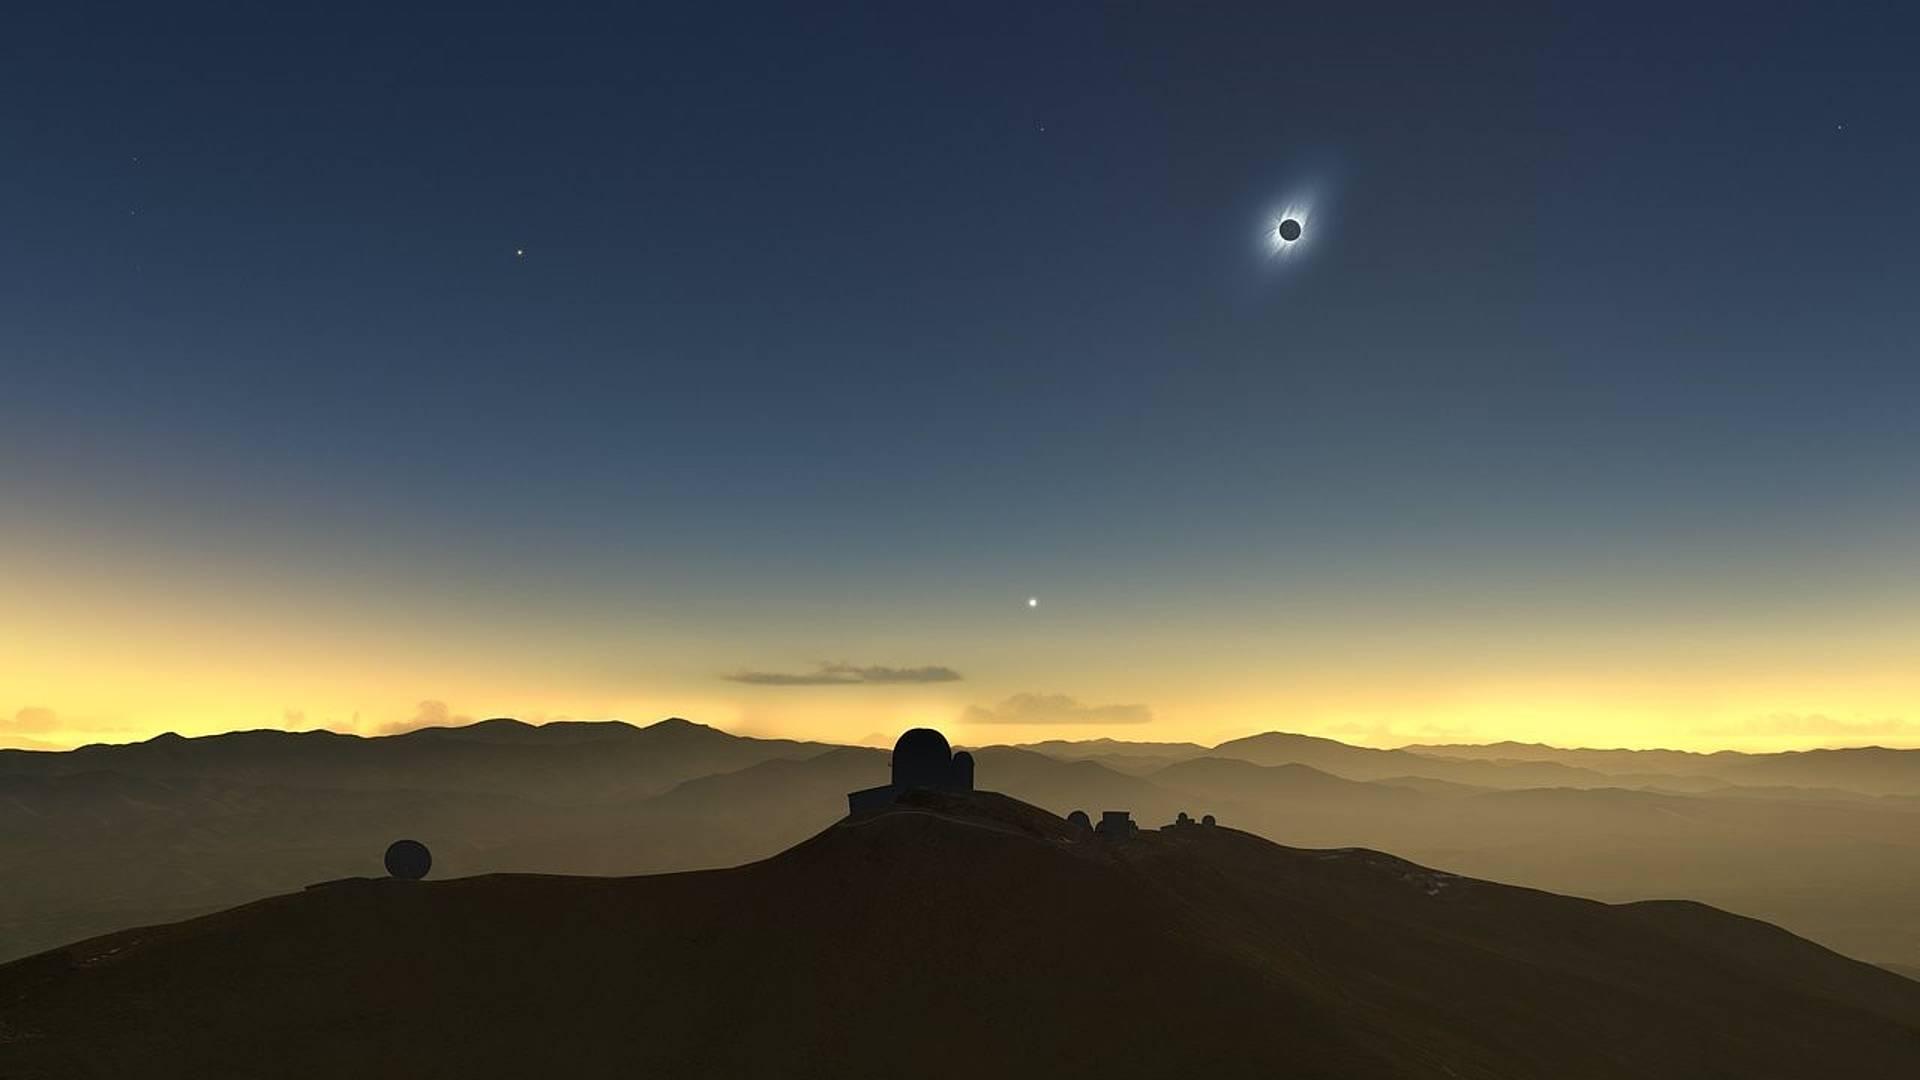 L'eclissi solare 2020 nel sud del paese